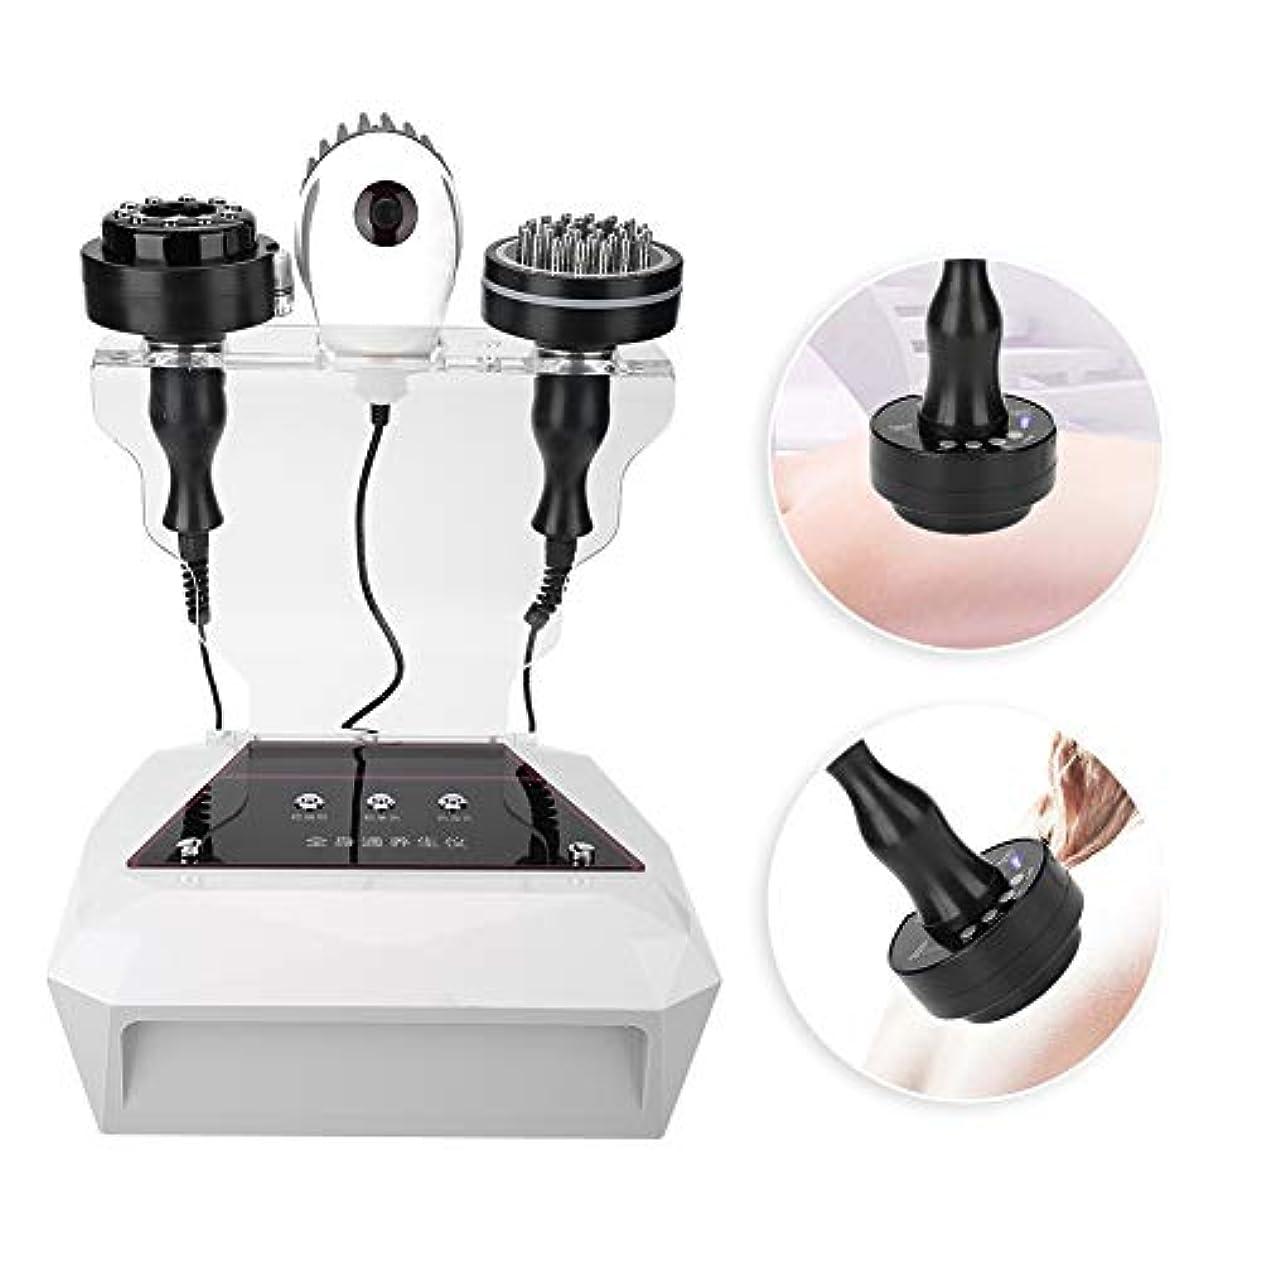 冷笑するファイバメイト負圧マッサージャー、多機能マイクロ電流スクレーピングマッサージ機ボディ解毒機器(USプラグ(110v))